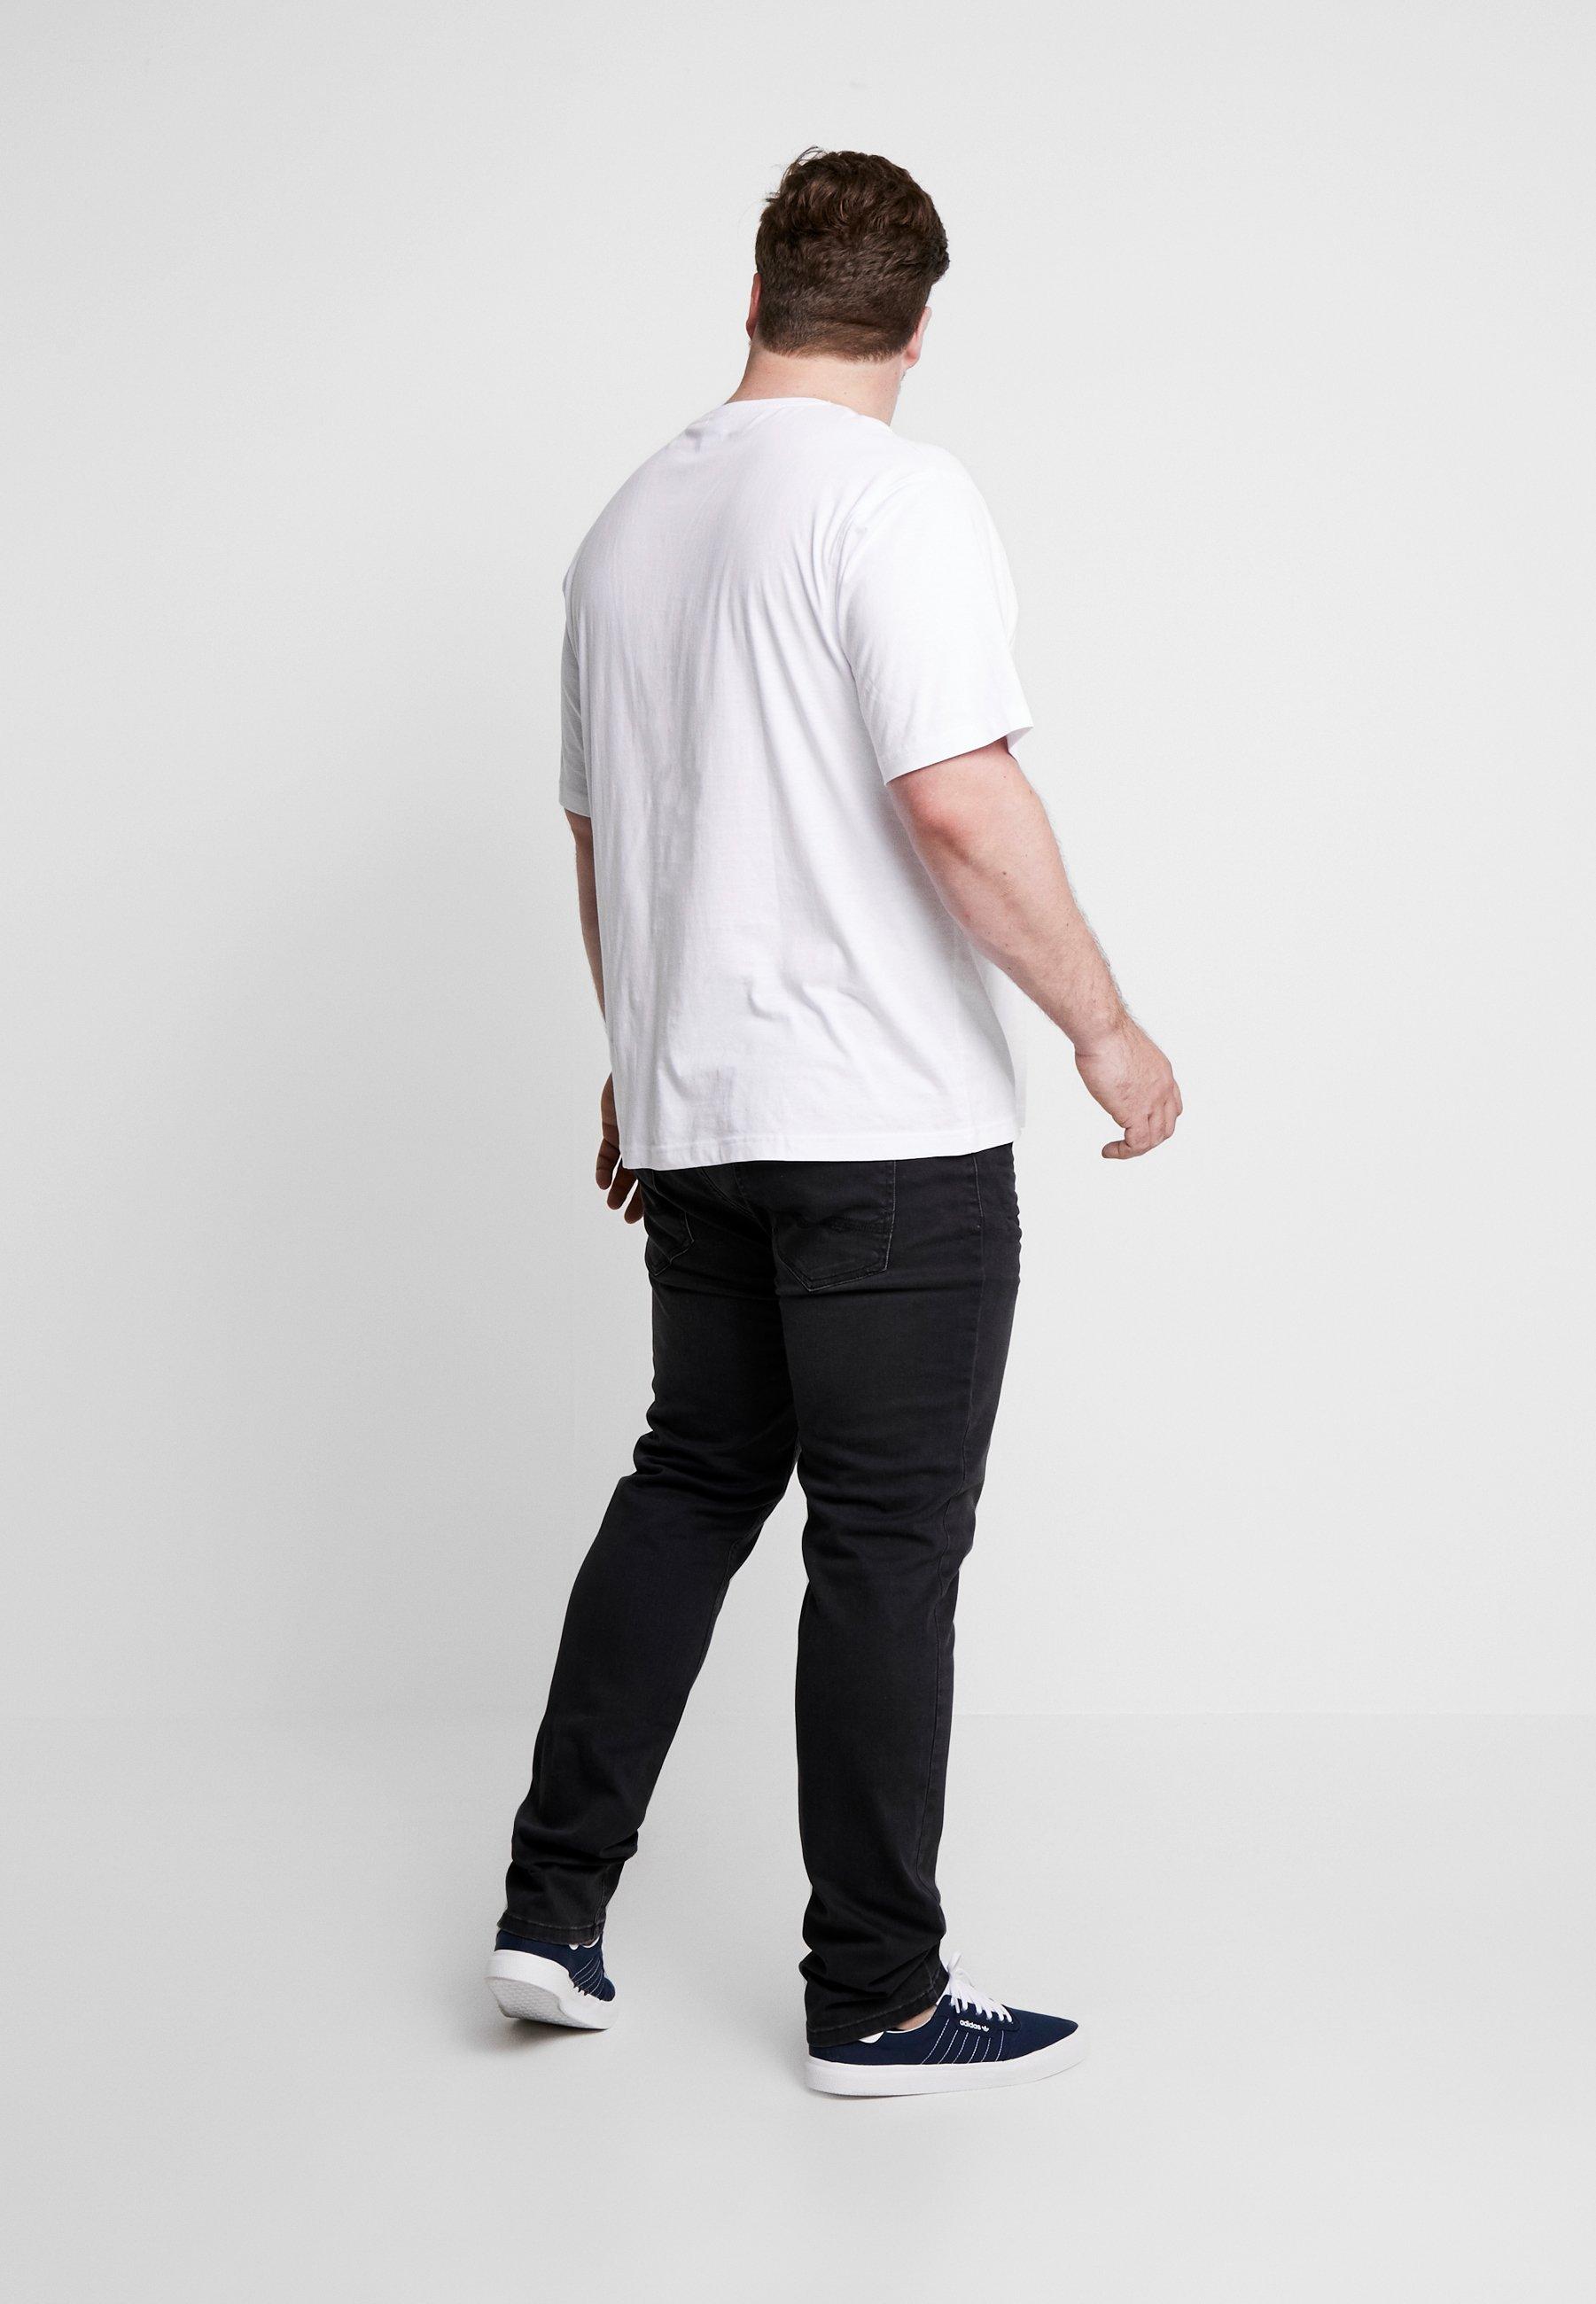 Jeans PlusJean Slim Shield Cars Black jLc354qSAR